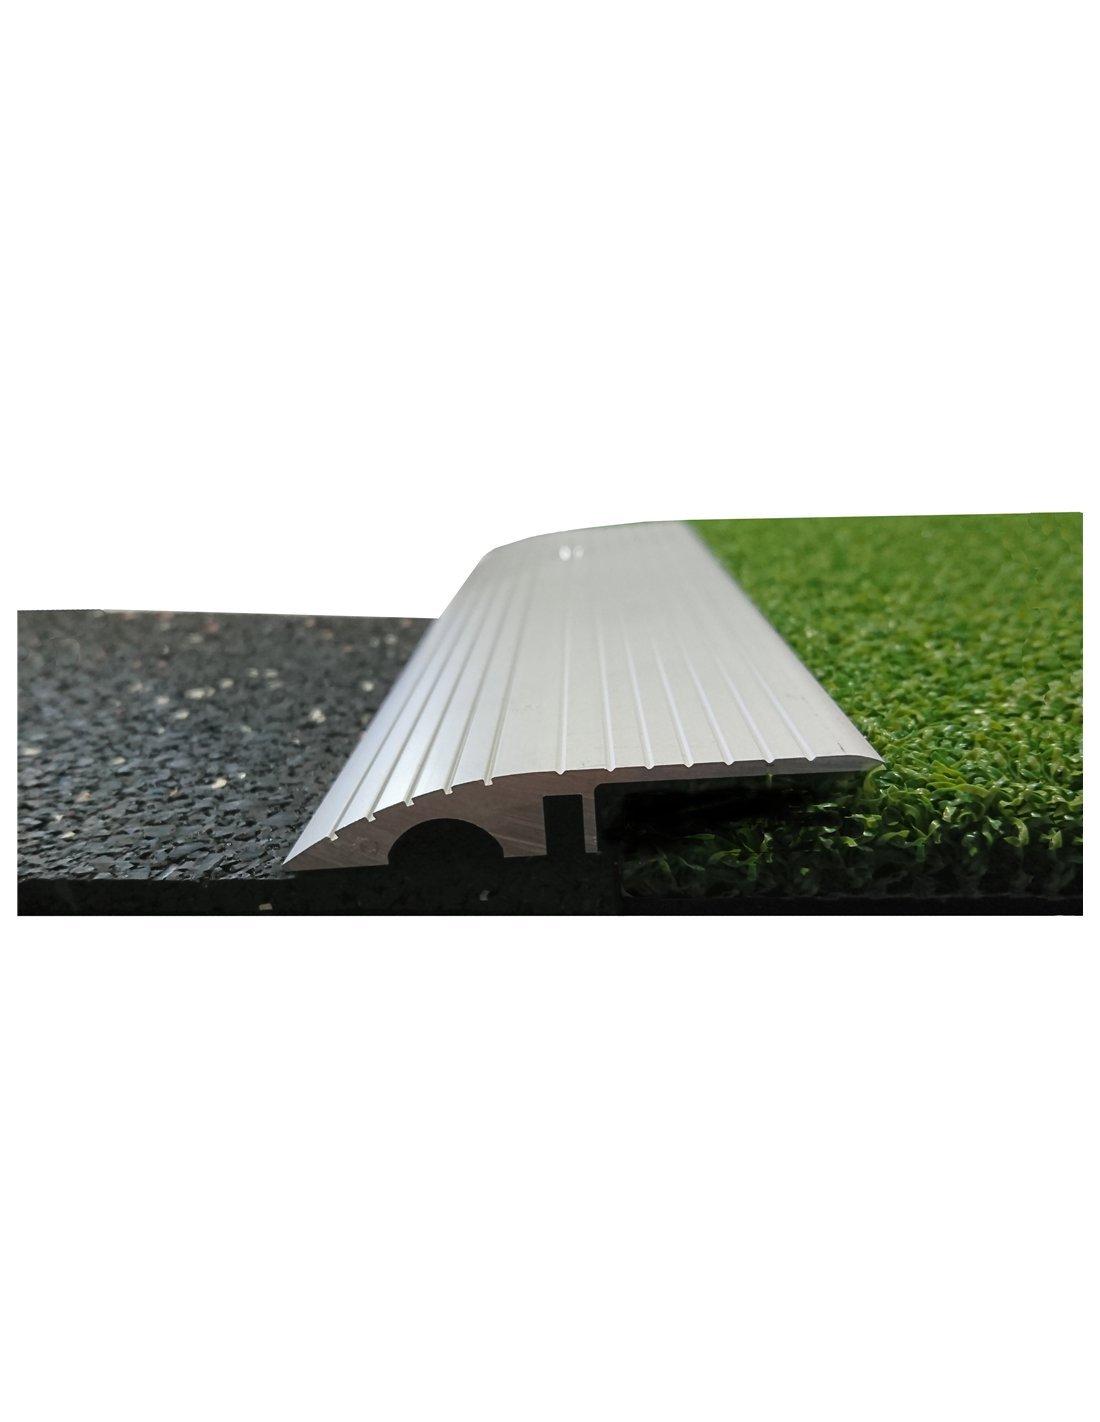 Jardin202 2mm alt. 50mm anch. 2m larg. Adhesivo - Perfil Aluminio 2-5-8 mm Altura